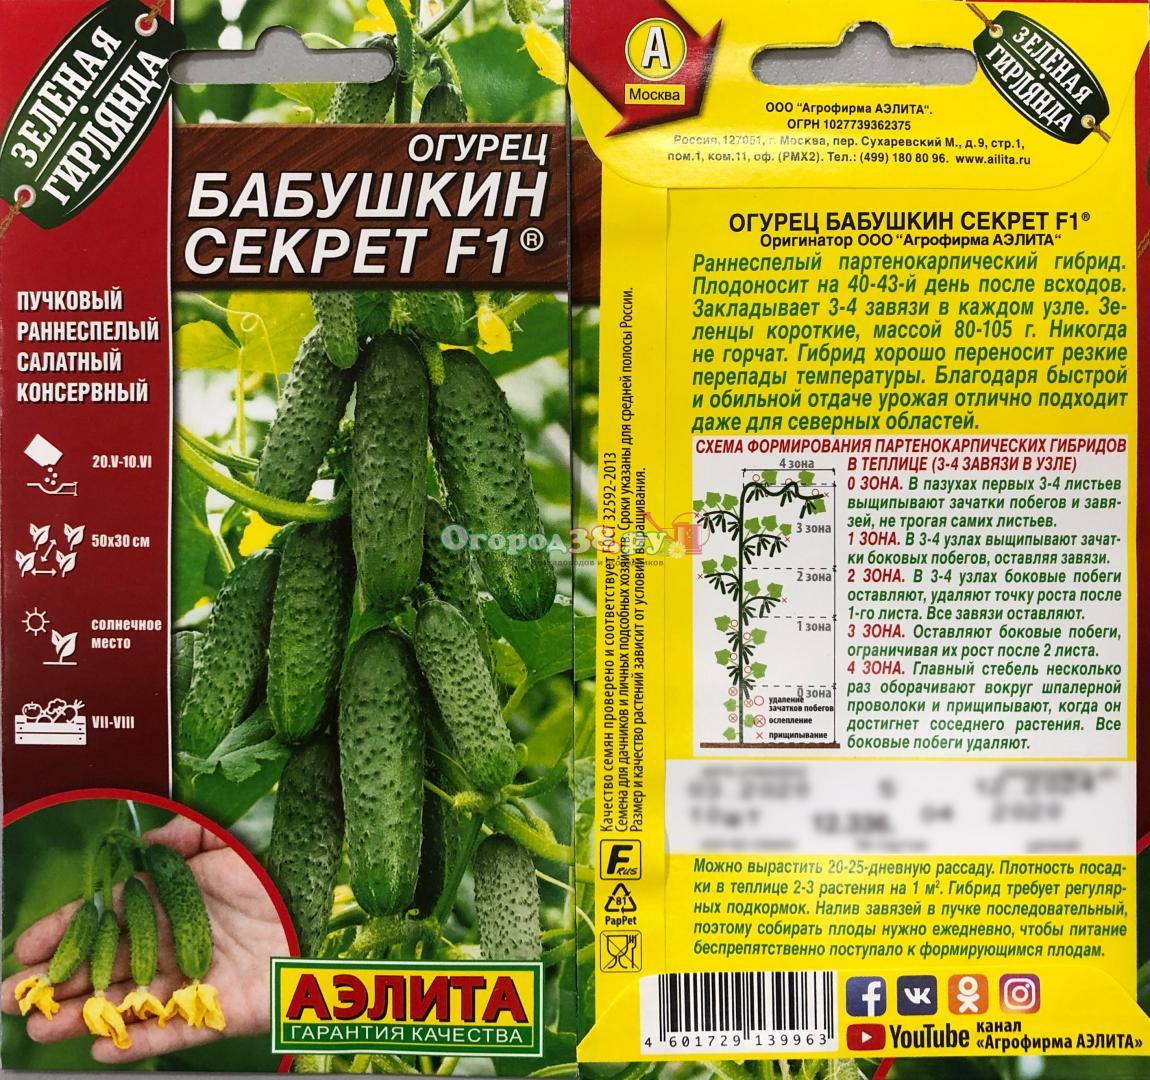 Фото, видео, описание, посадка, характеристика, урожайность, отзывы о гибриде огурцов «бабушкин секрет f1».